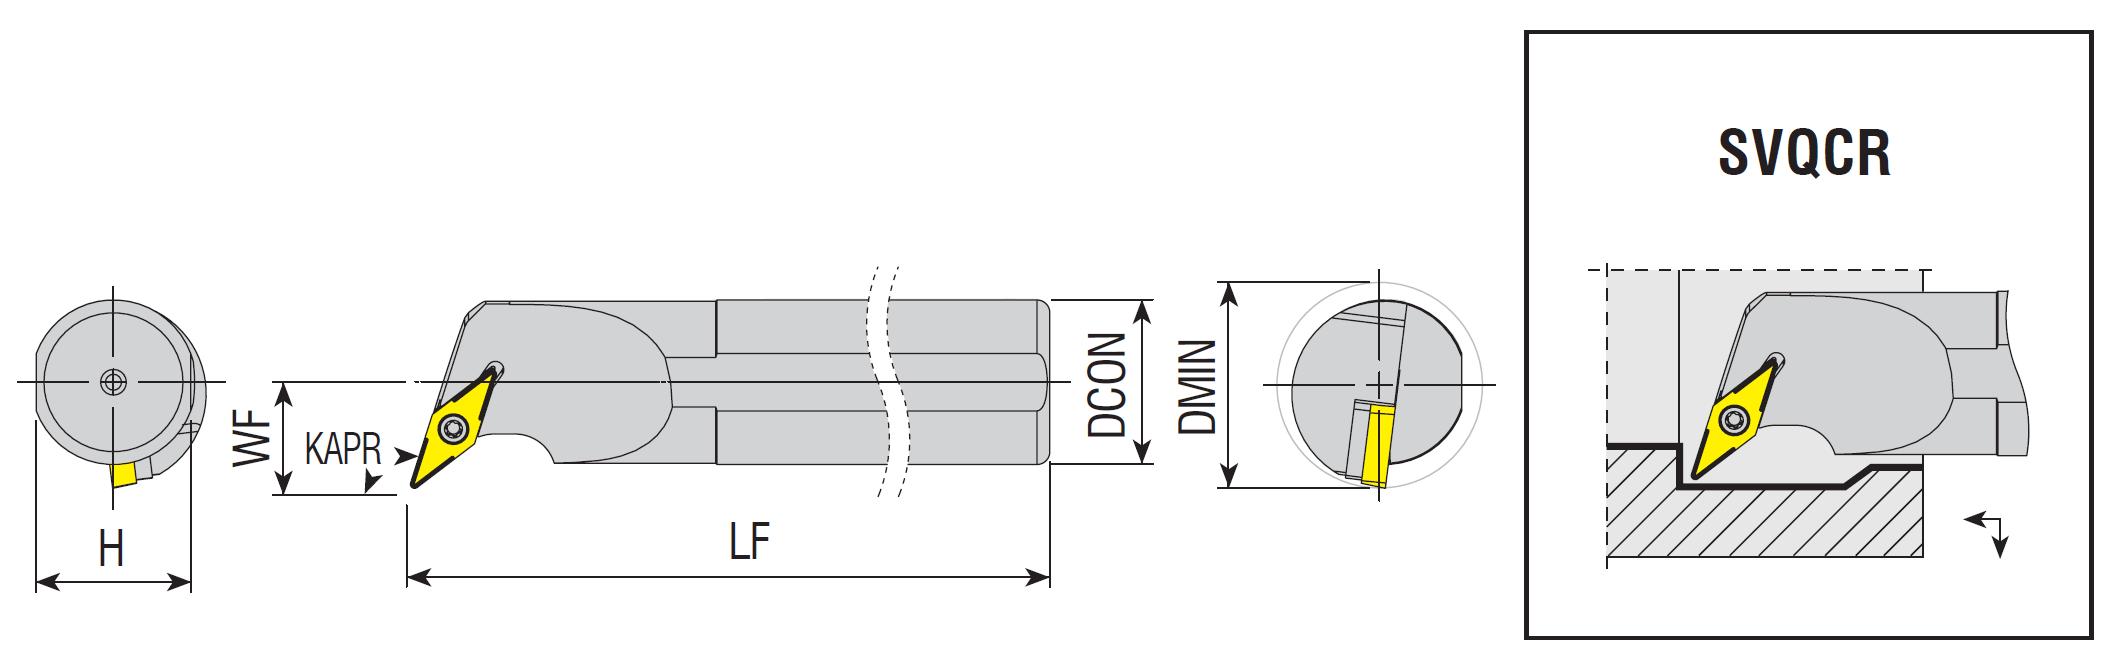 Bohrstangen SVQCR / SVQCL